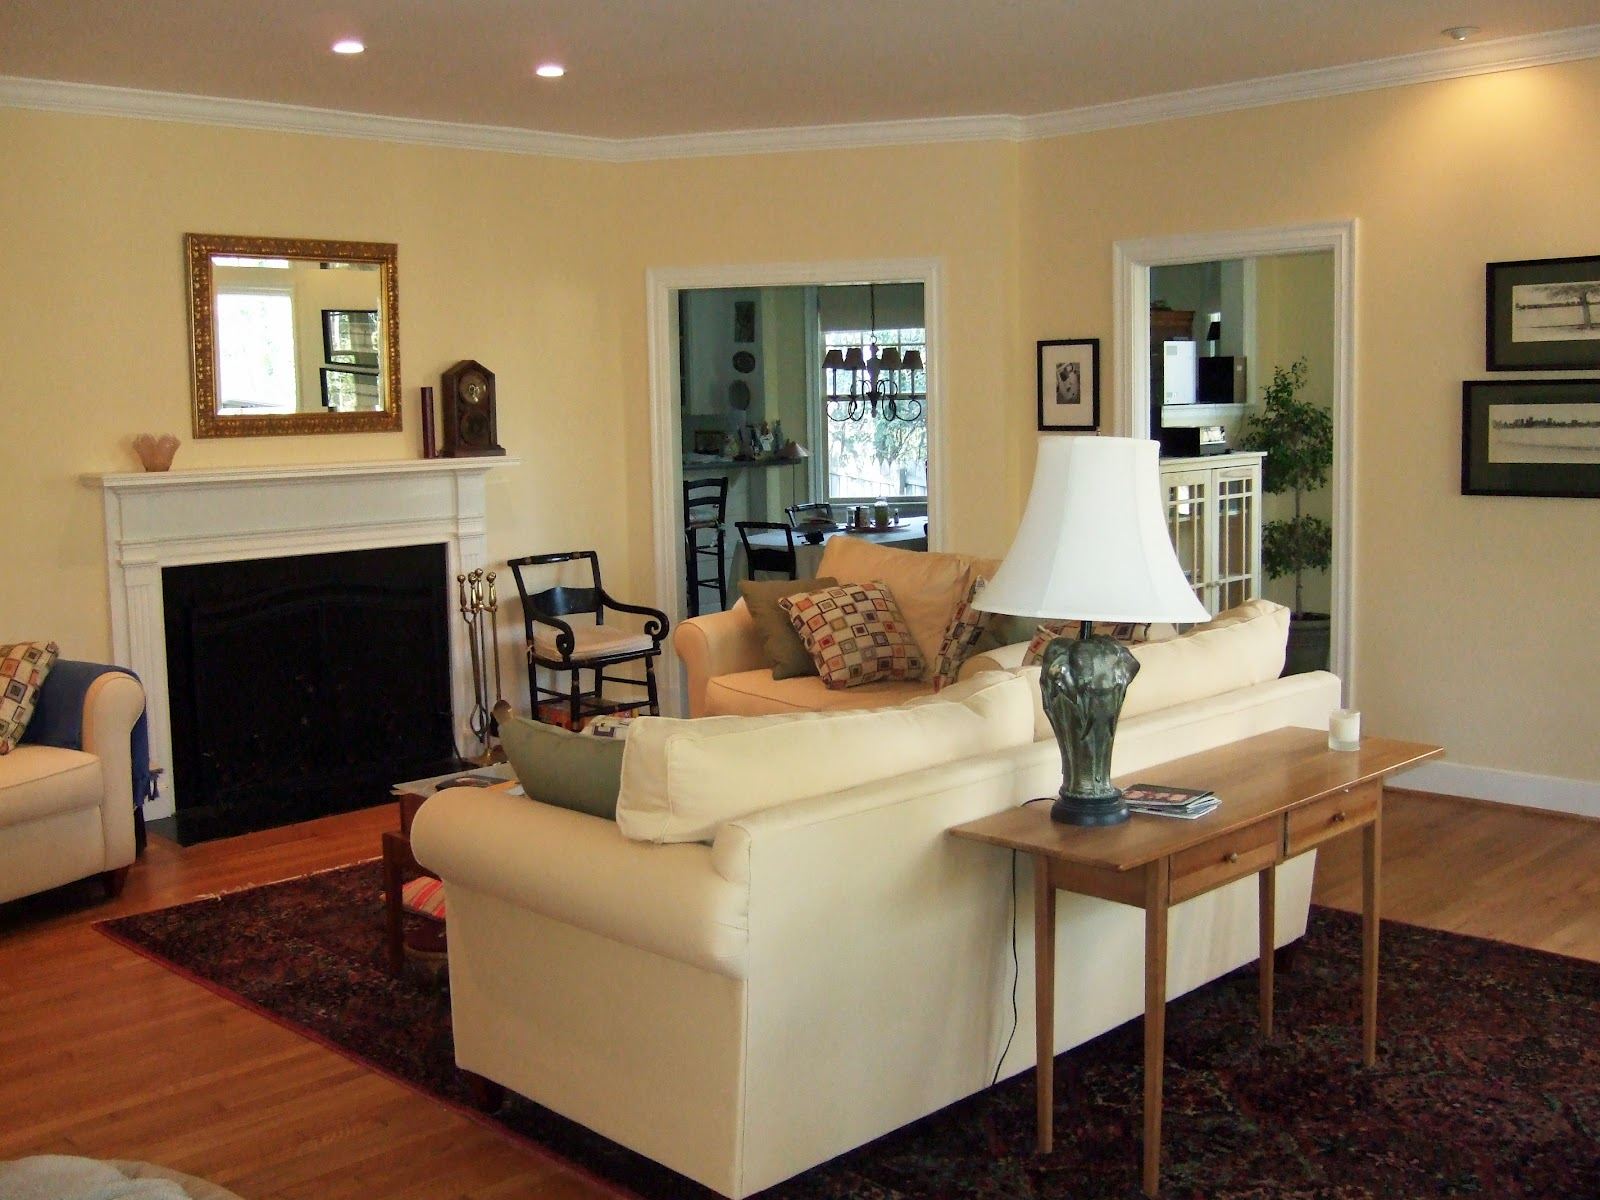 w d osborne design construction 919 493 2936 room addition living room expansion